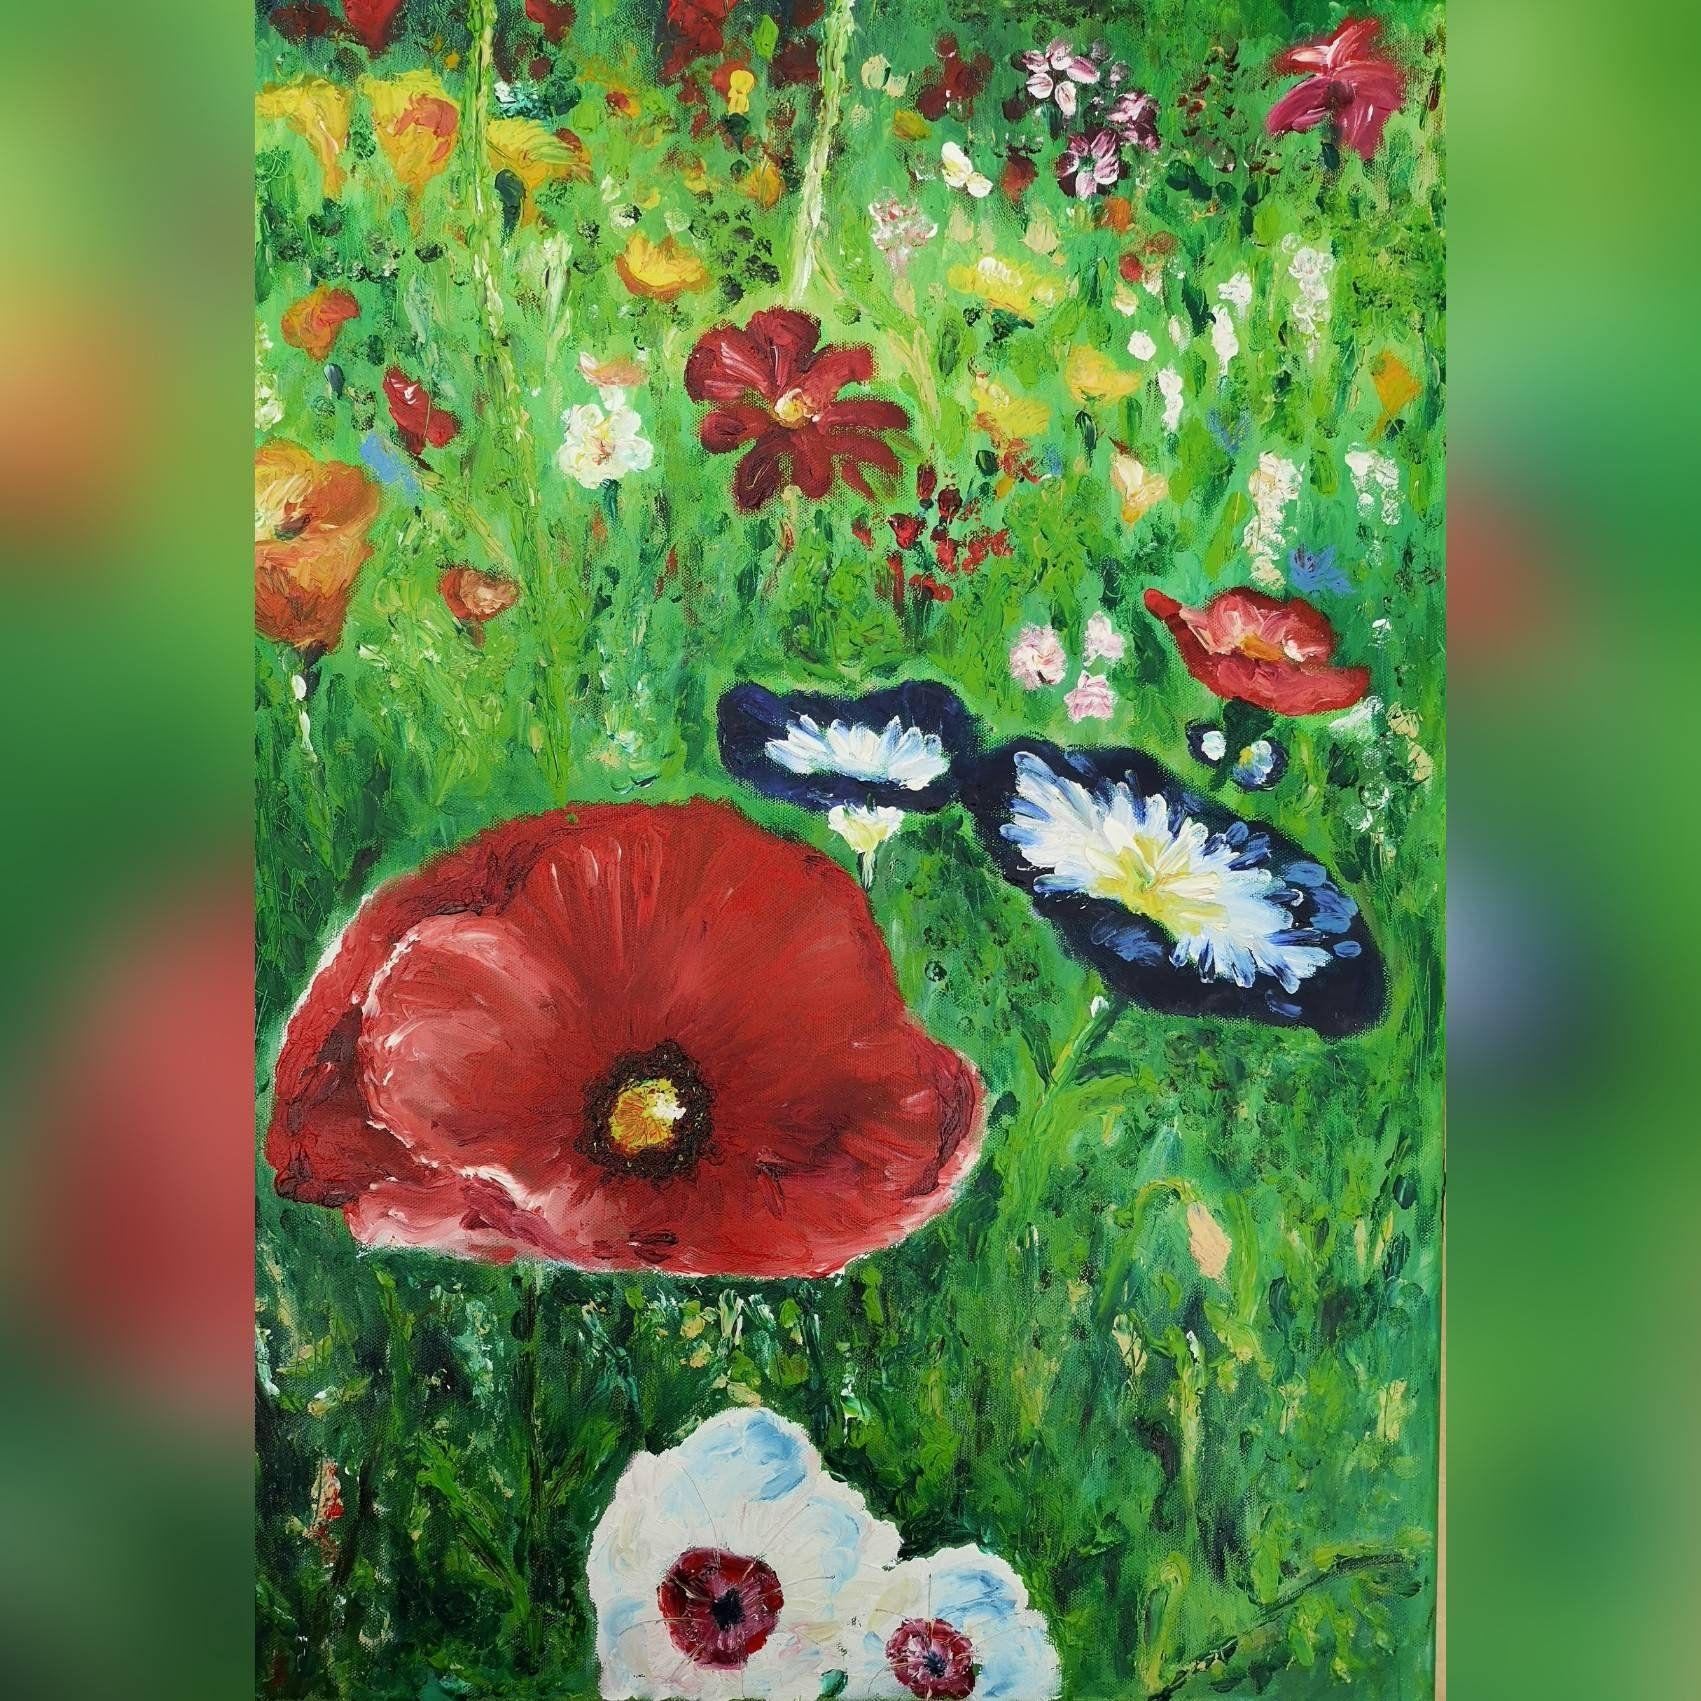 Blumenwiese Im Fruhjahr Fingermalen In Ol Auf 50x70cm Leinwand In